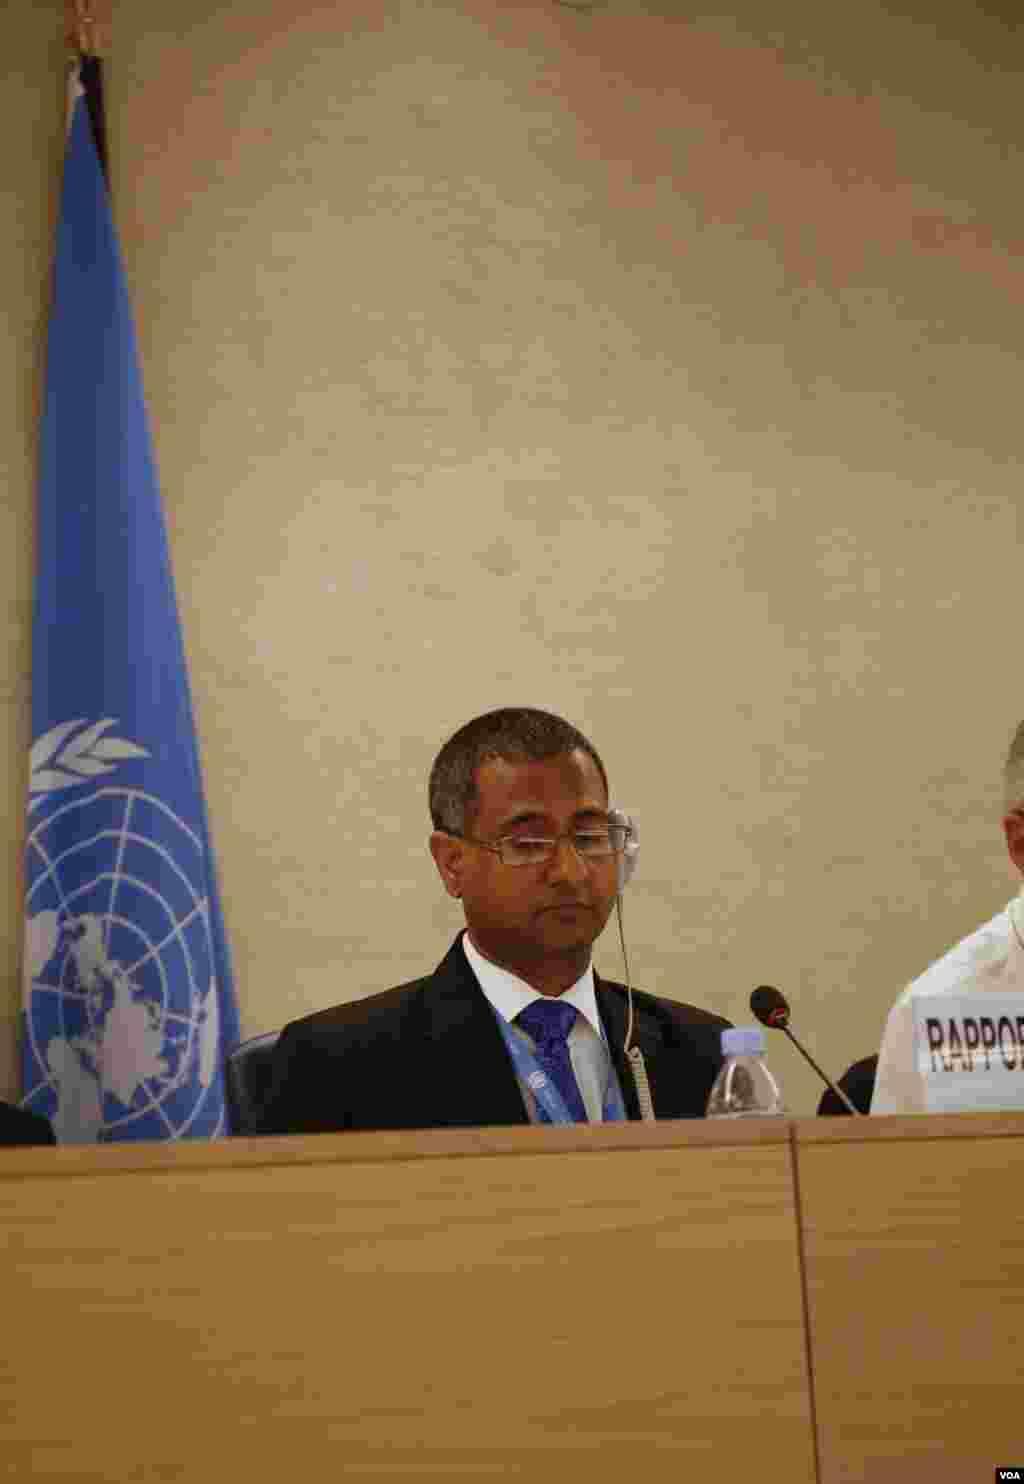 احمد شهید چندسال است که گزارشگر ویژه سازمان ملل در امور حقوق بشر ایران است.